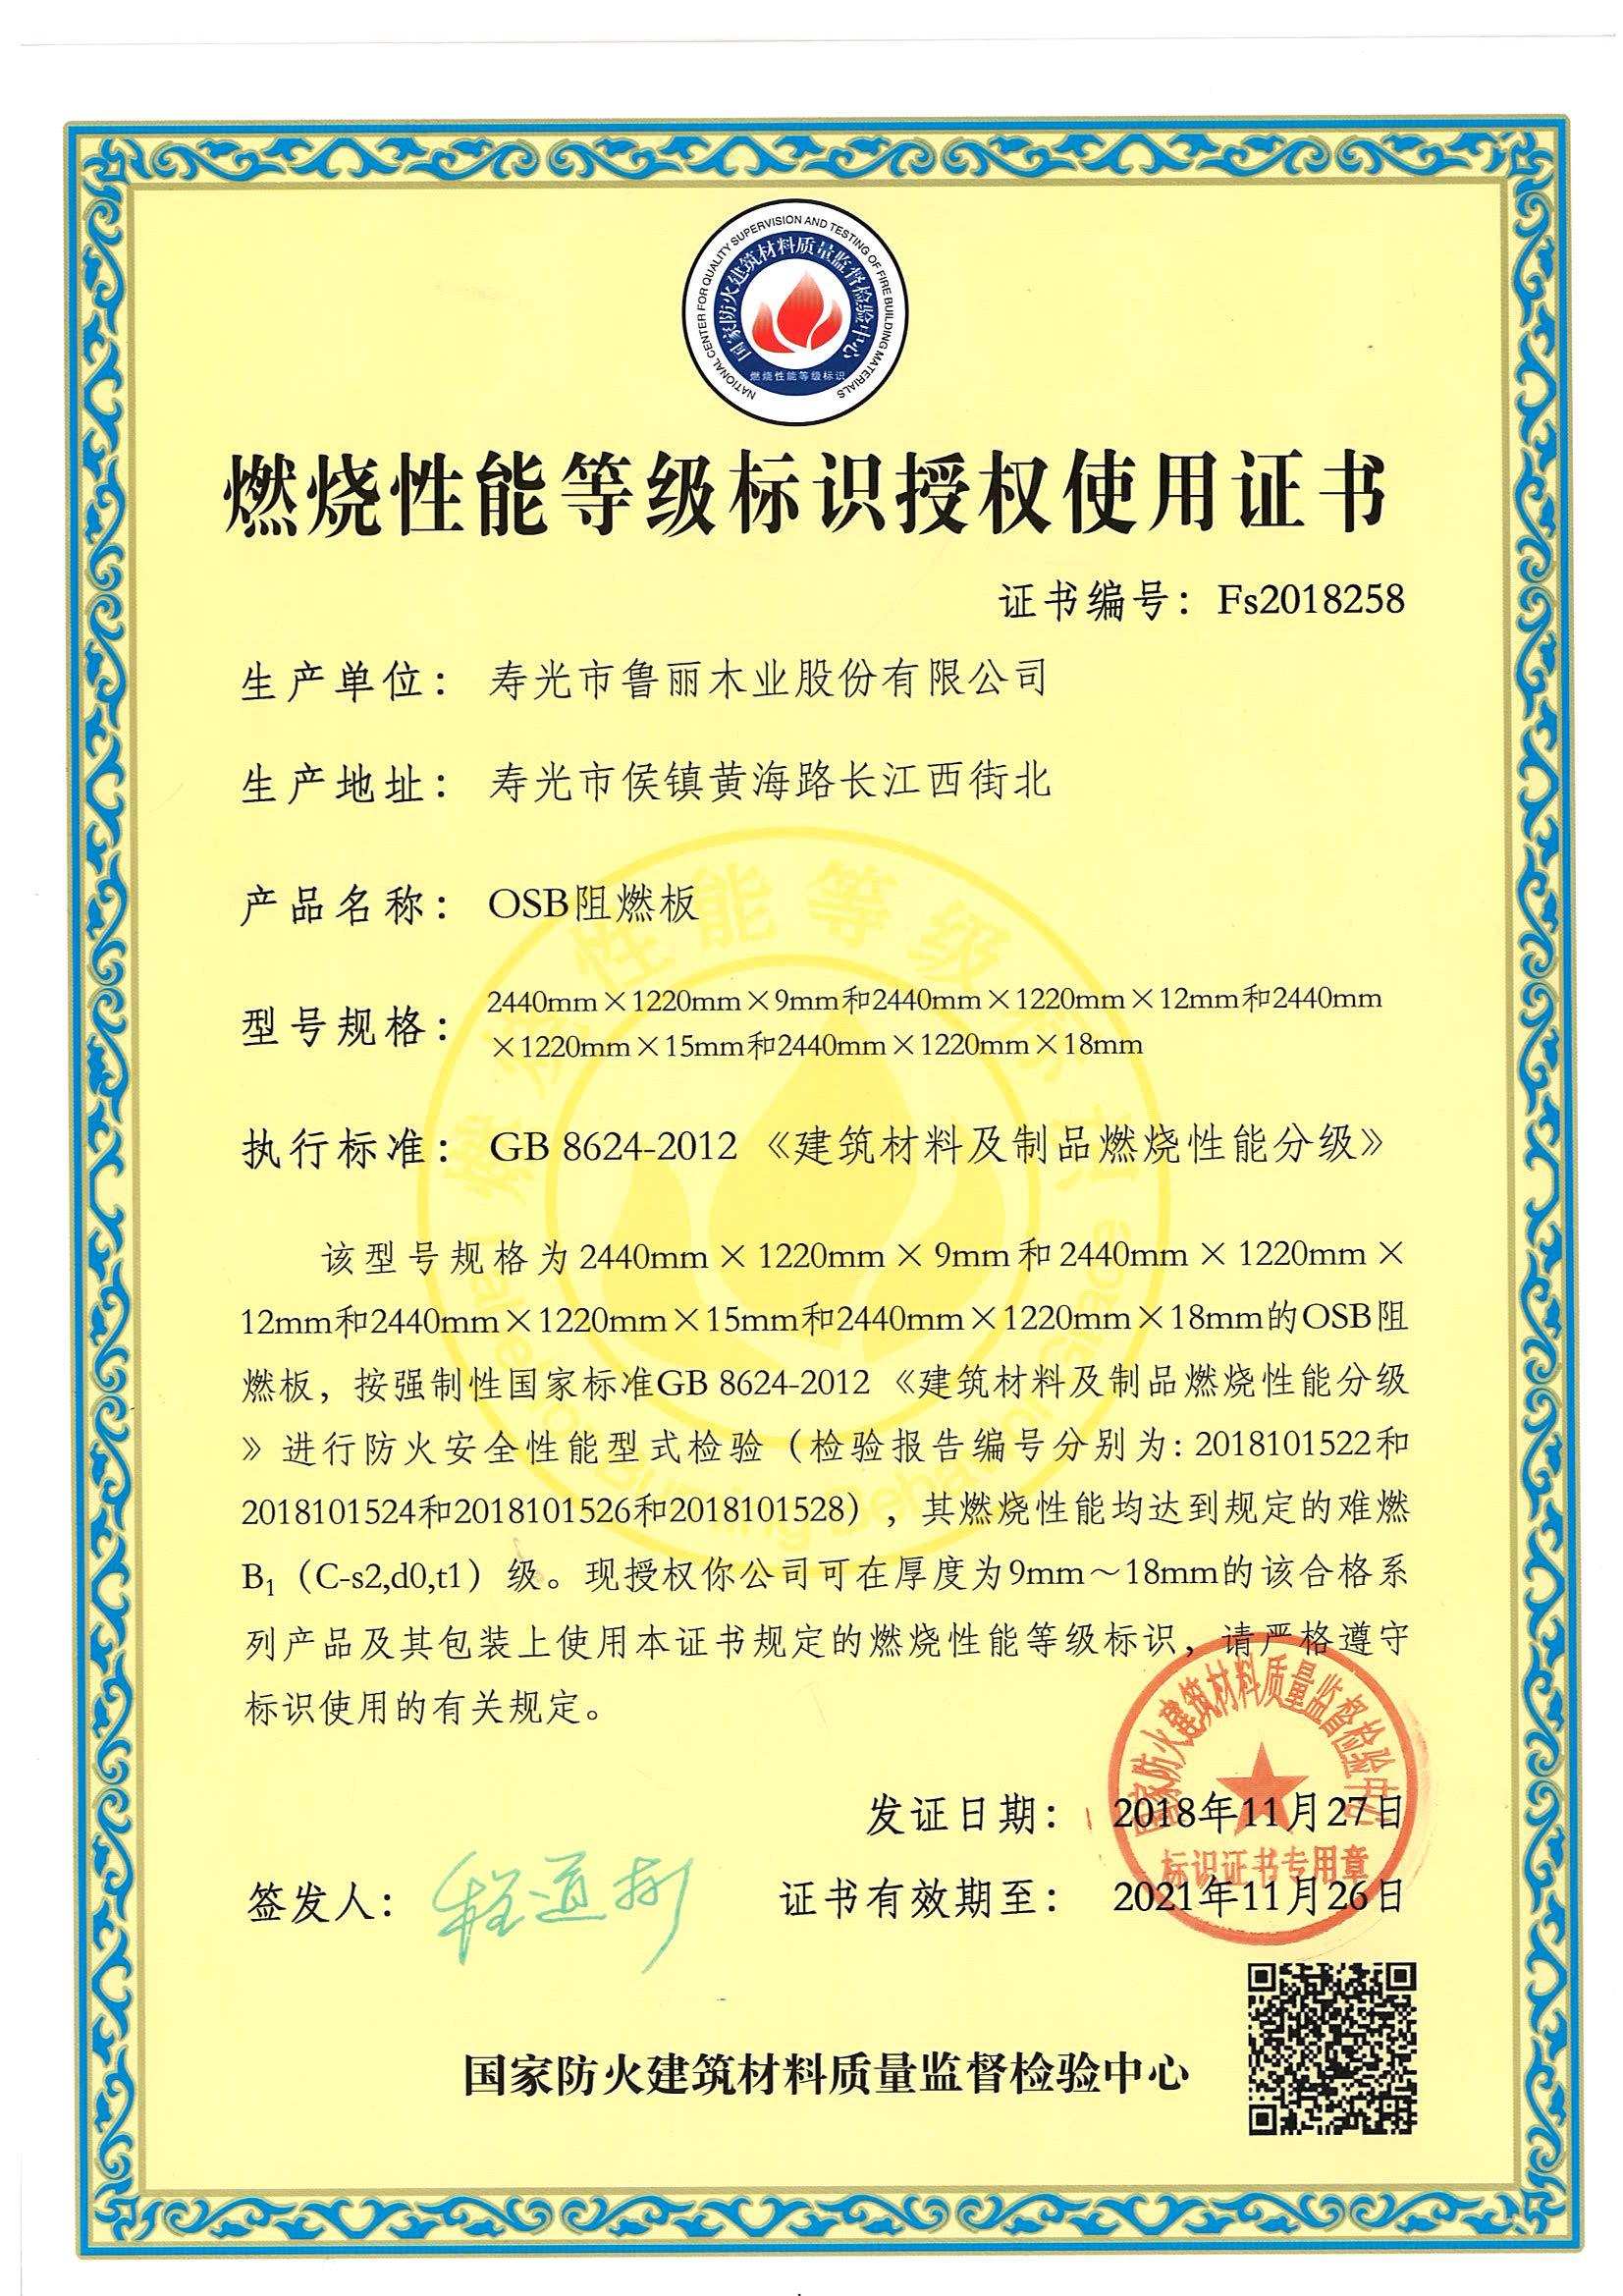 燃烧性能等级标识授权使用证书